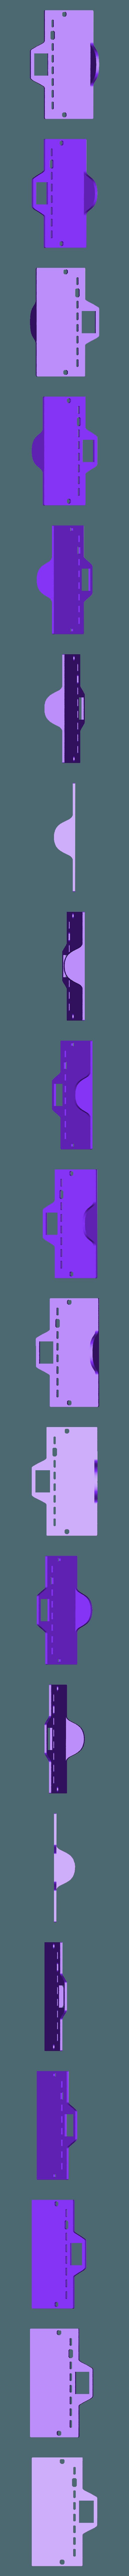 TopCoverPrint.stl Télécharger fichier STL gratuit Boîtier de batterie 18650 avec espace pour le chargeur et le convertisseur élévateur • Objet pour impression 3D, suromark